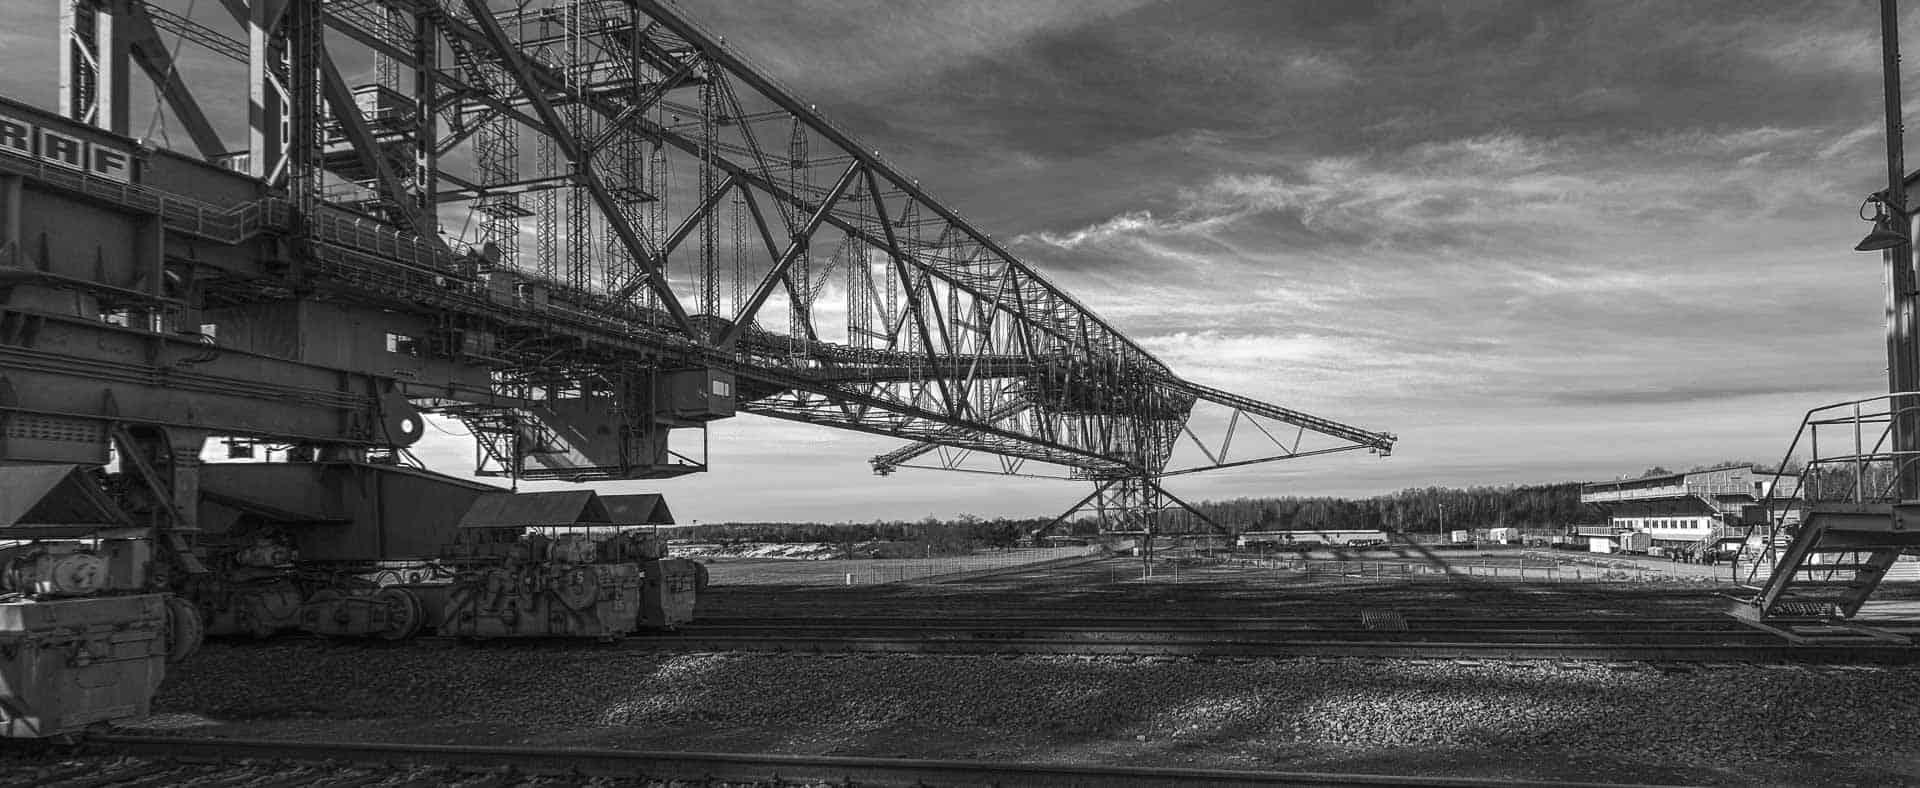 Die Abraumbrücke F60 im Besucherbergwerk in der Lausitz